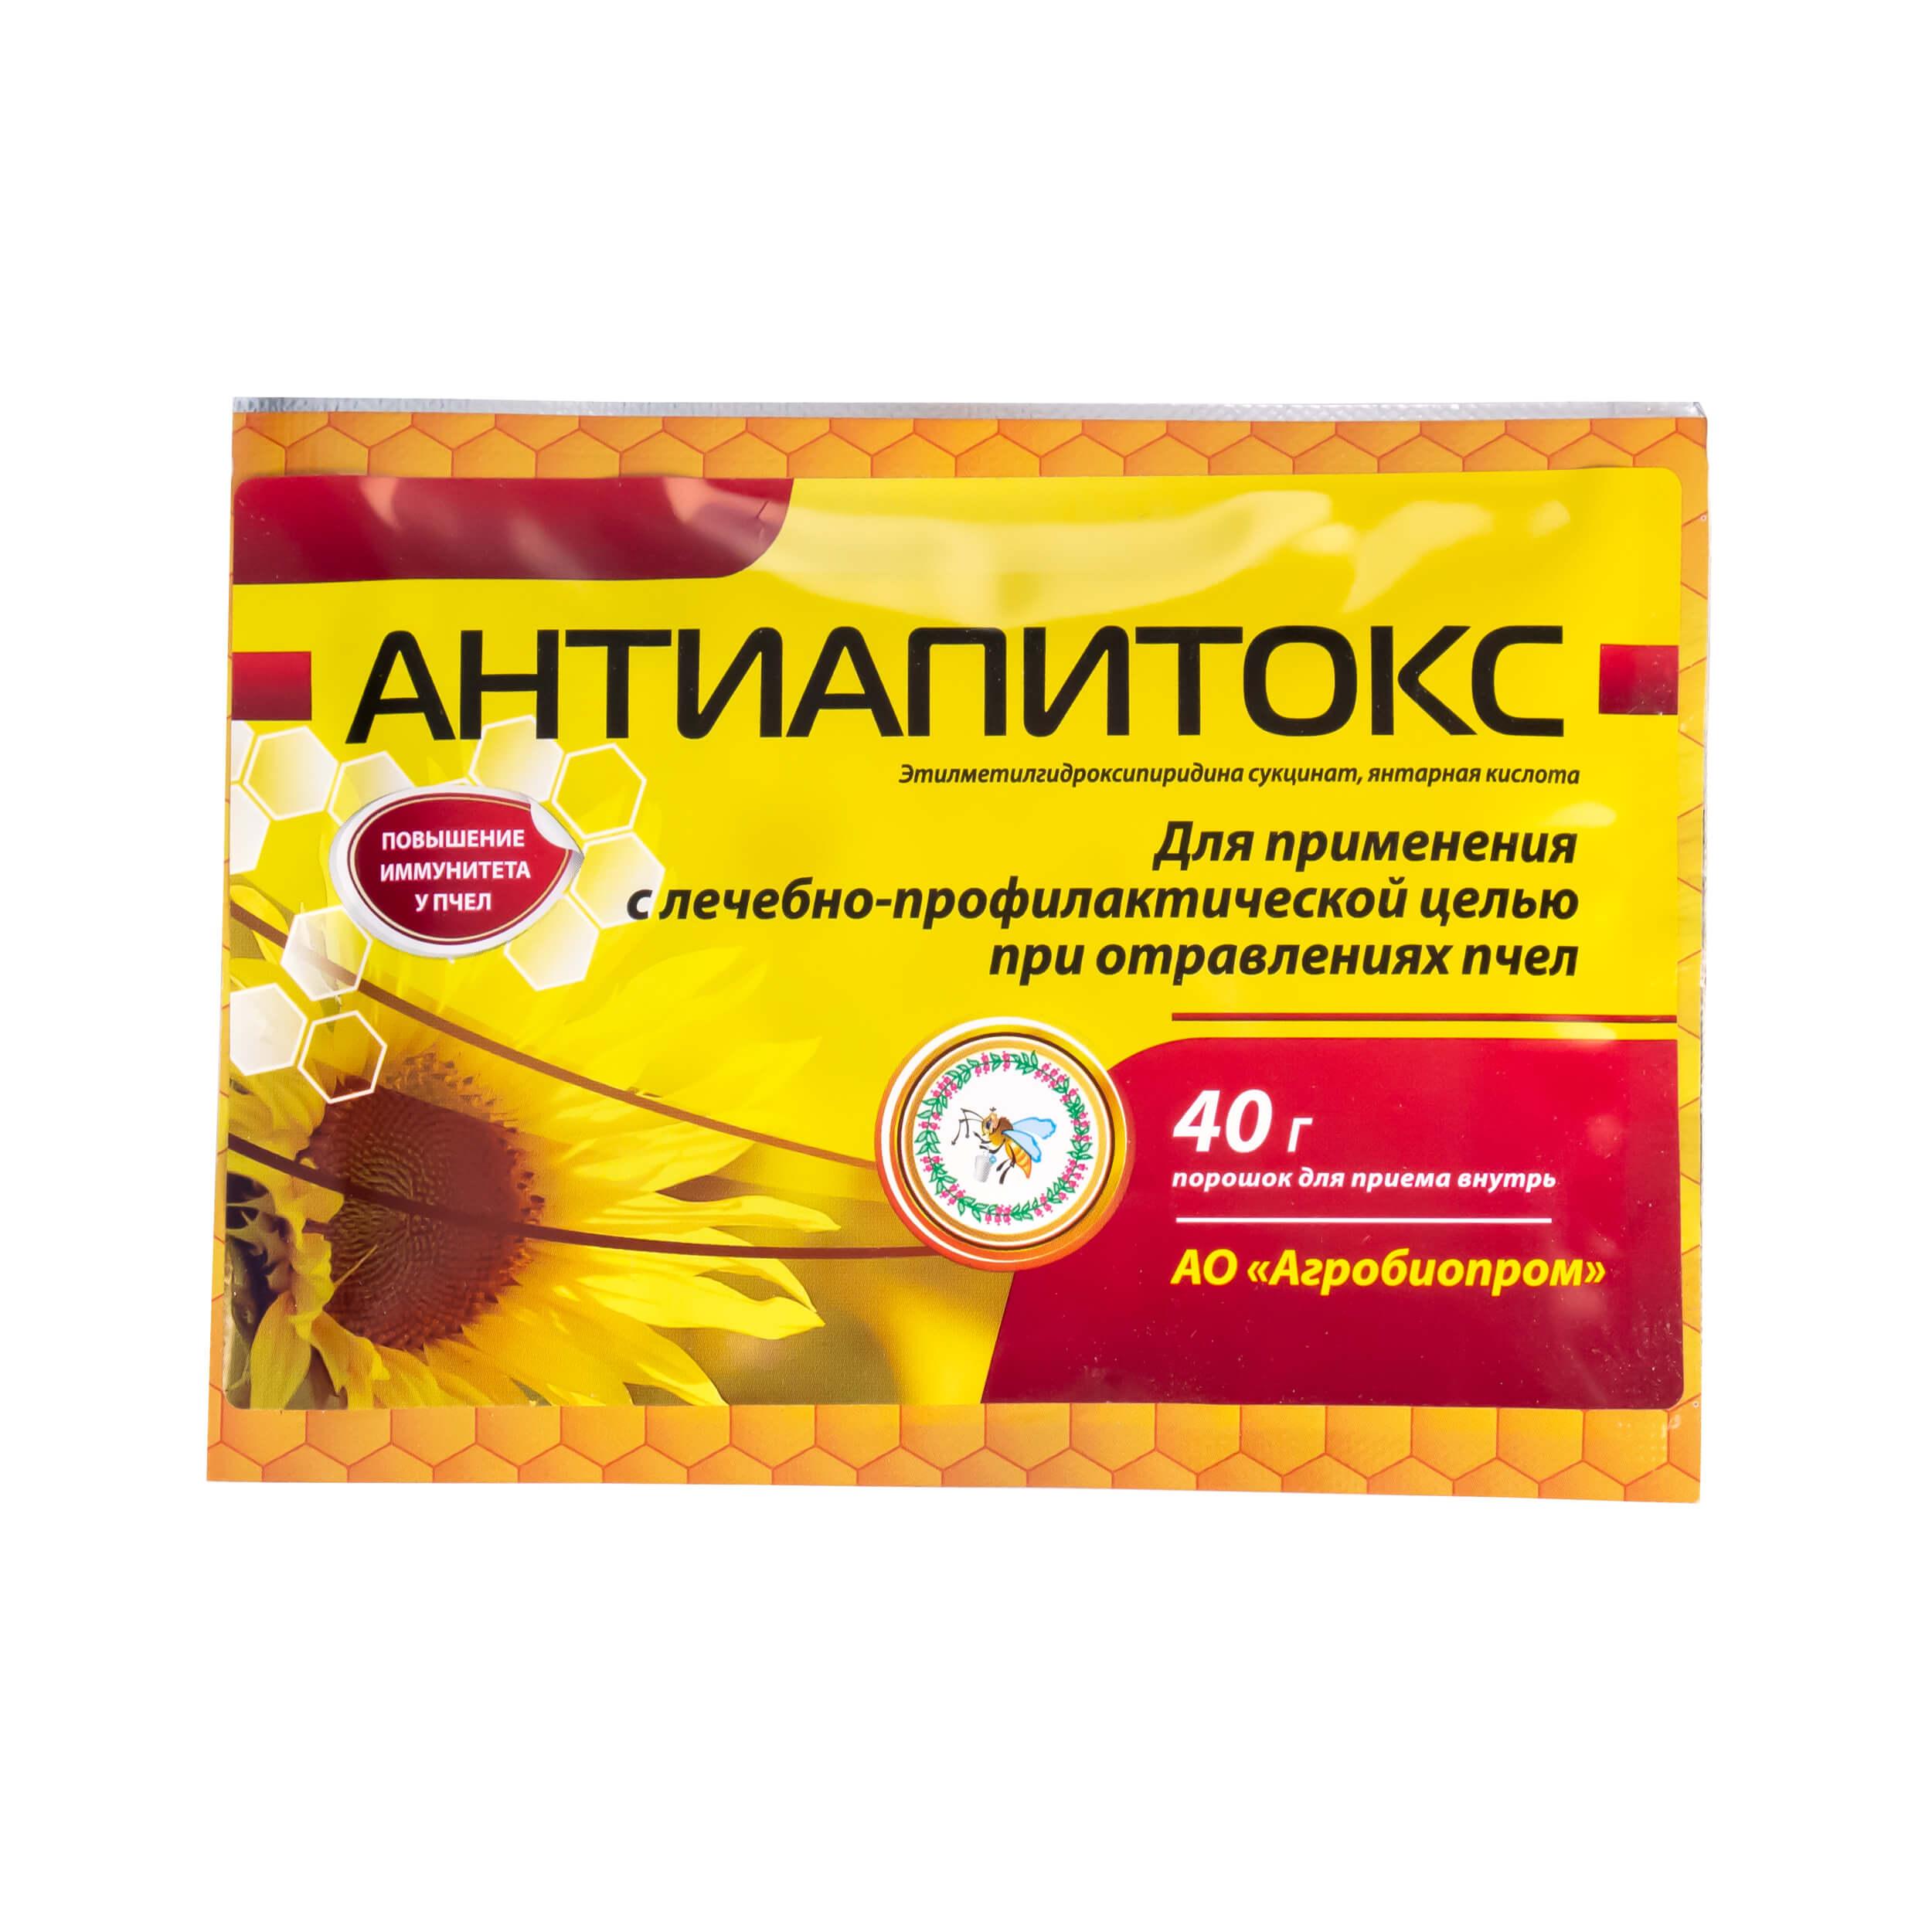 Антиапитокс (порошок, 40 грамм) фото